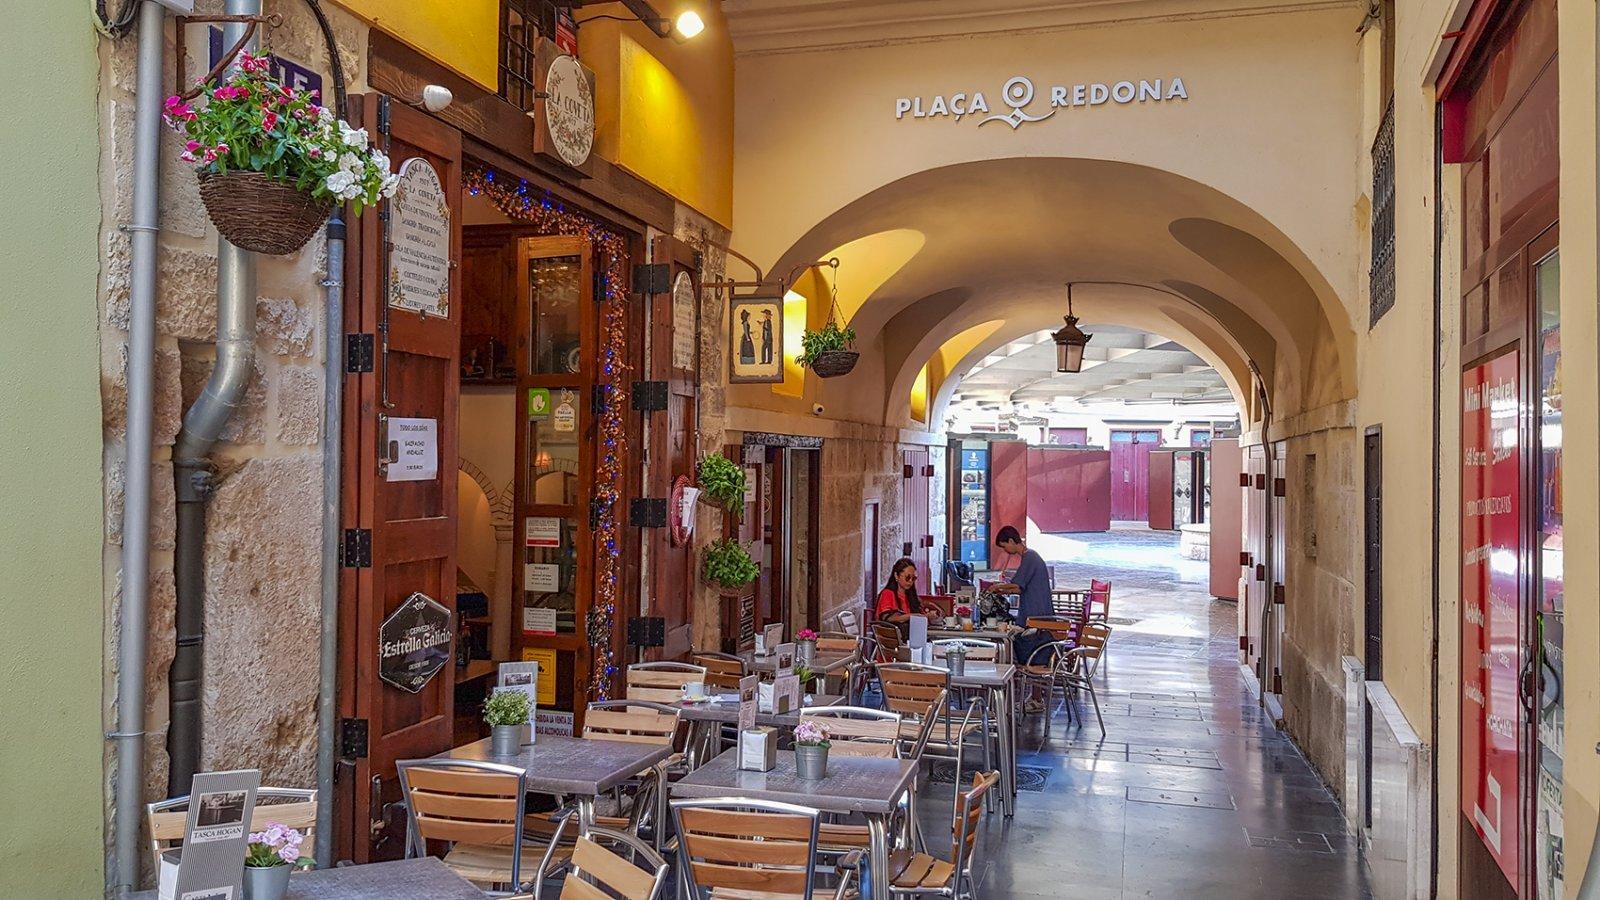 Straatje naar Plaza Redona in Valencia